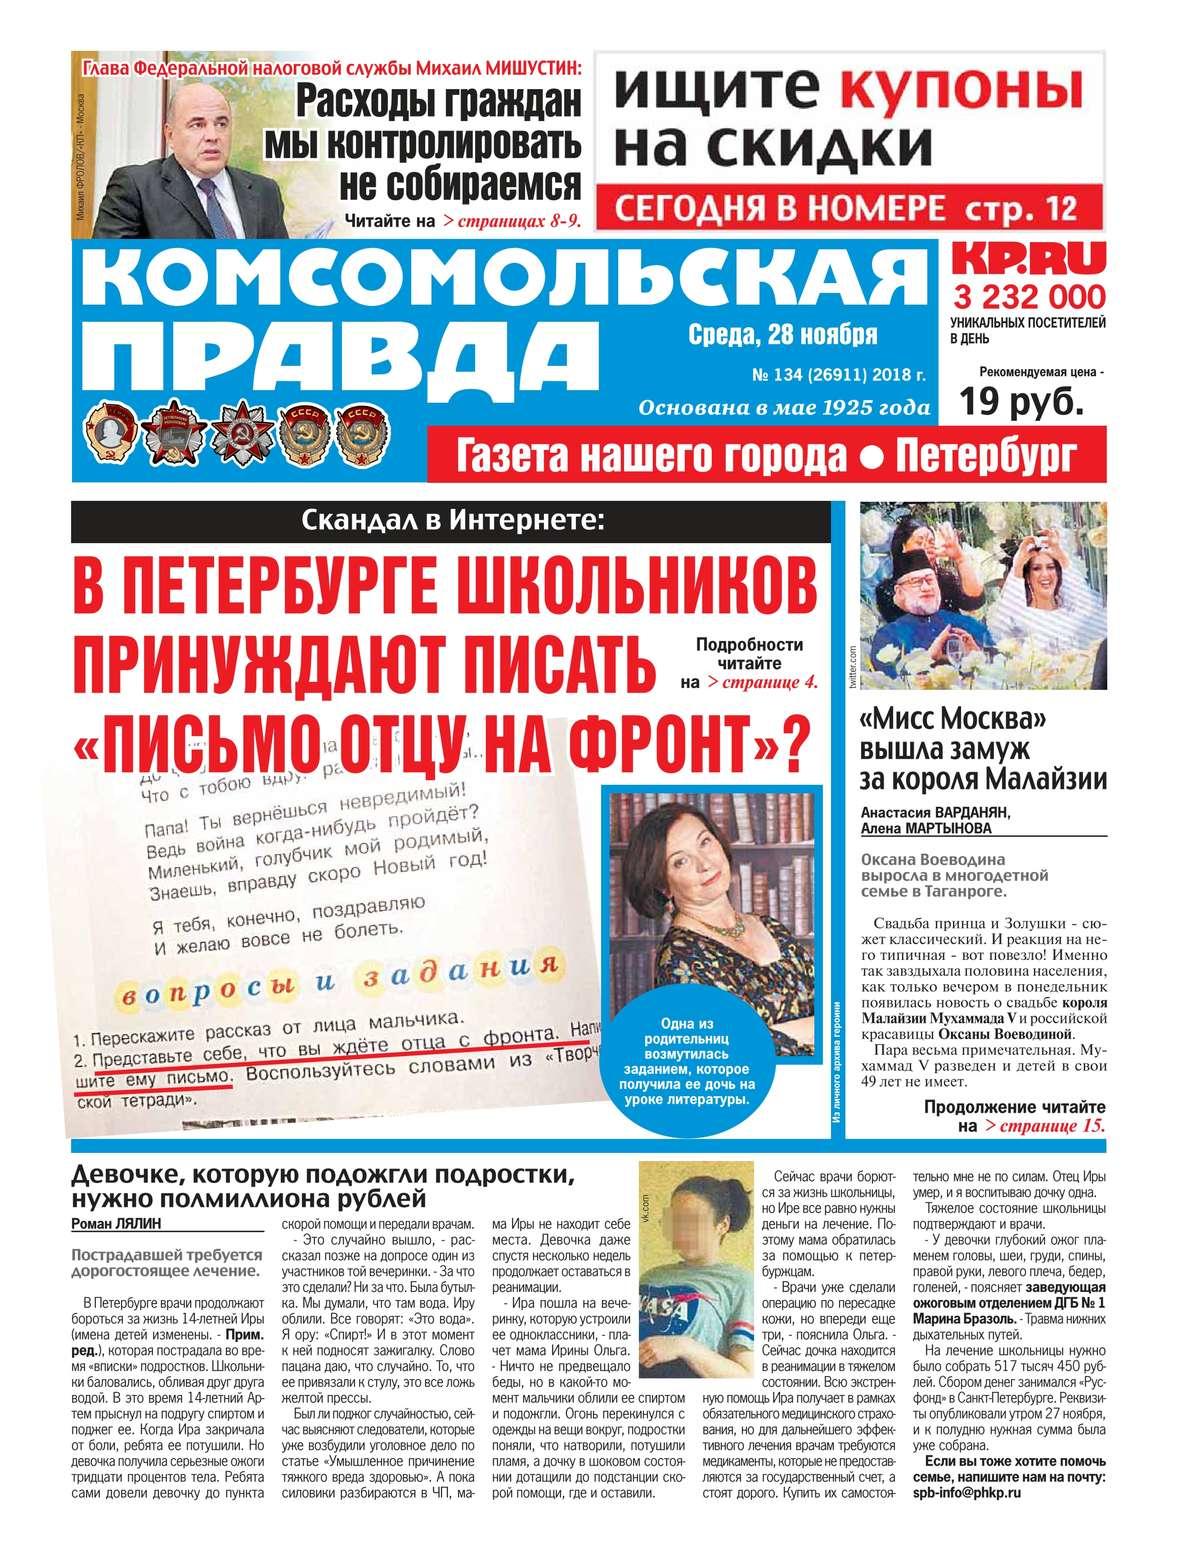 Редакция газеты Комсомольская Правда. Санкт-Петербург Комсомольская Правда. Санкт-Петербург 134-2018